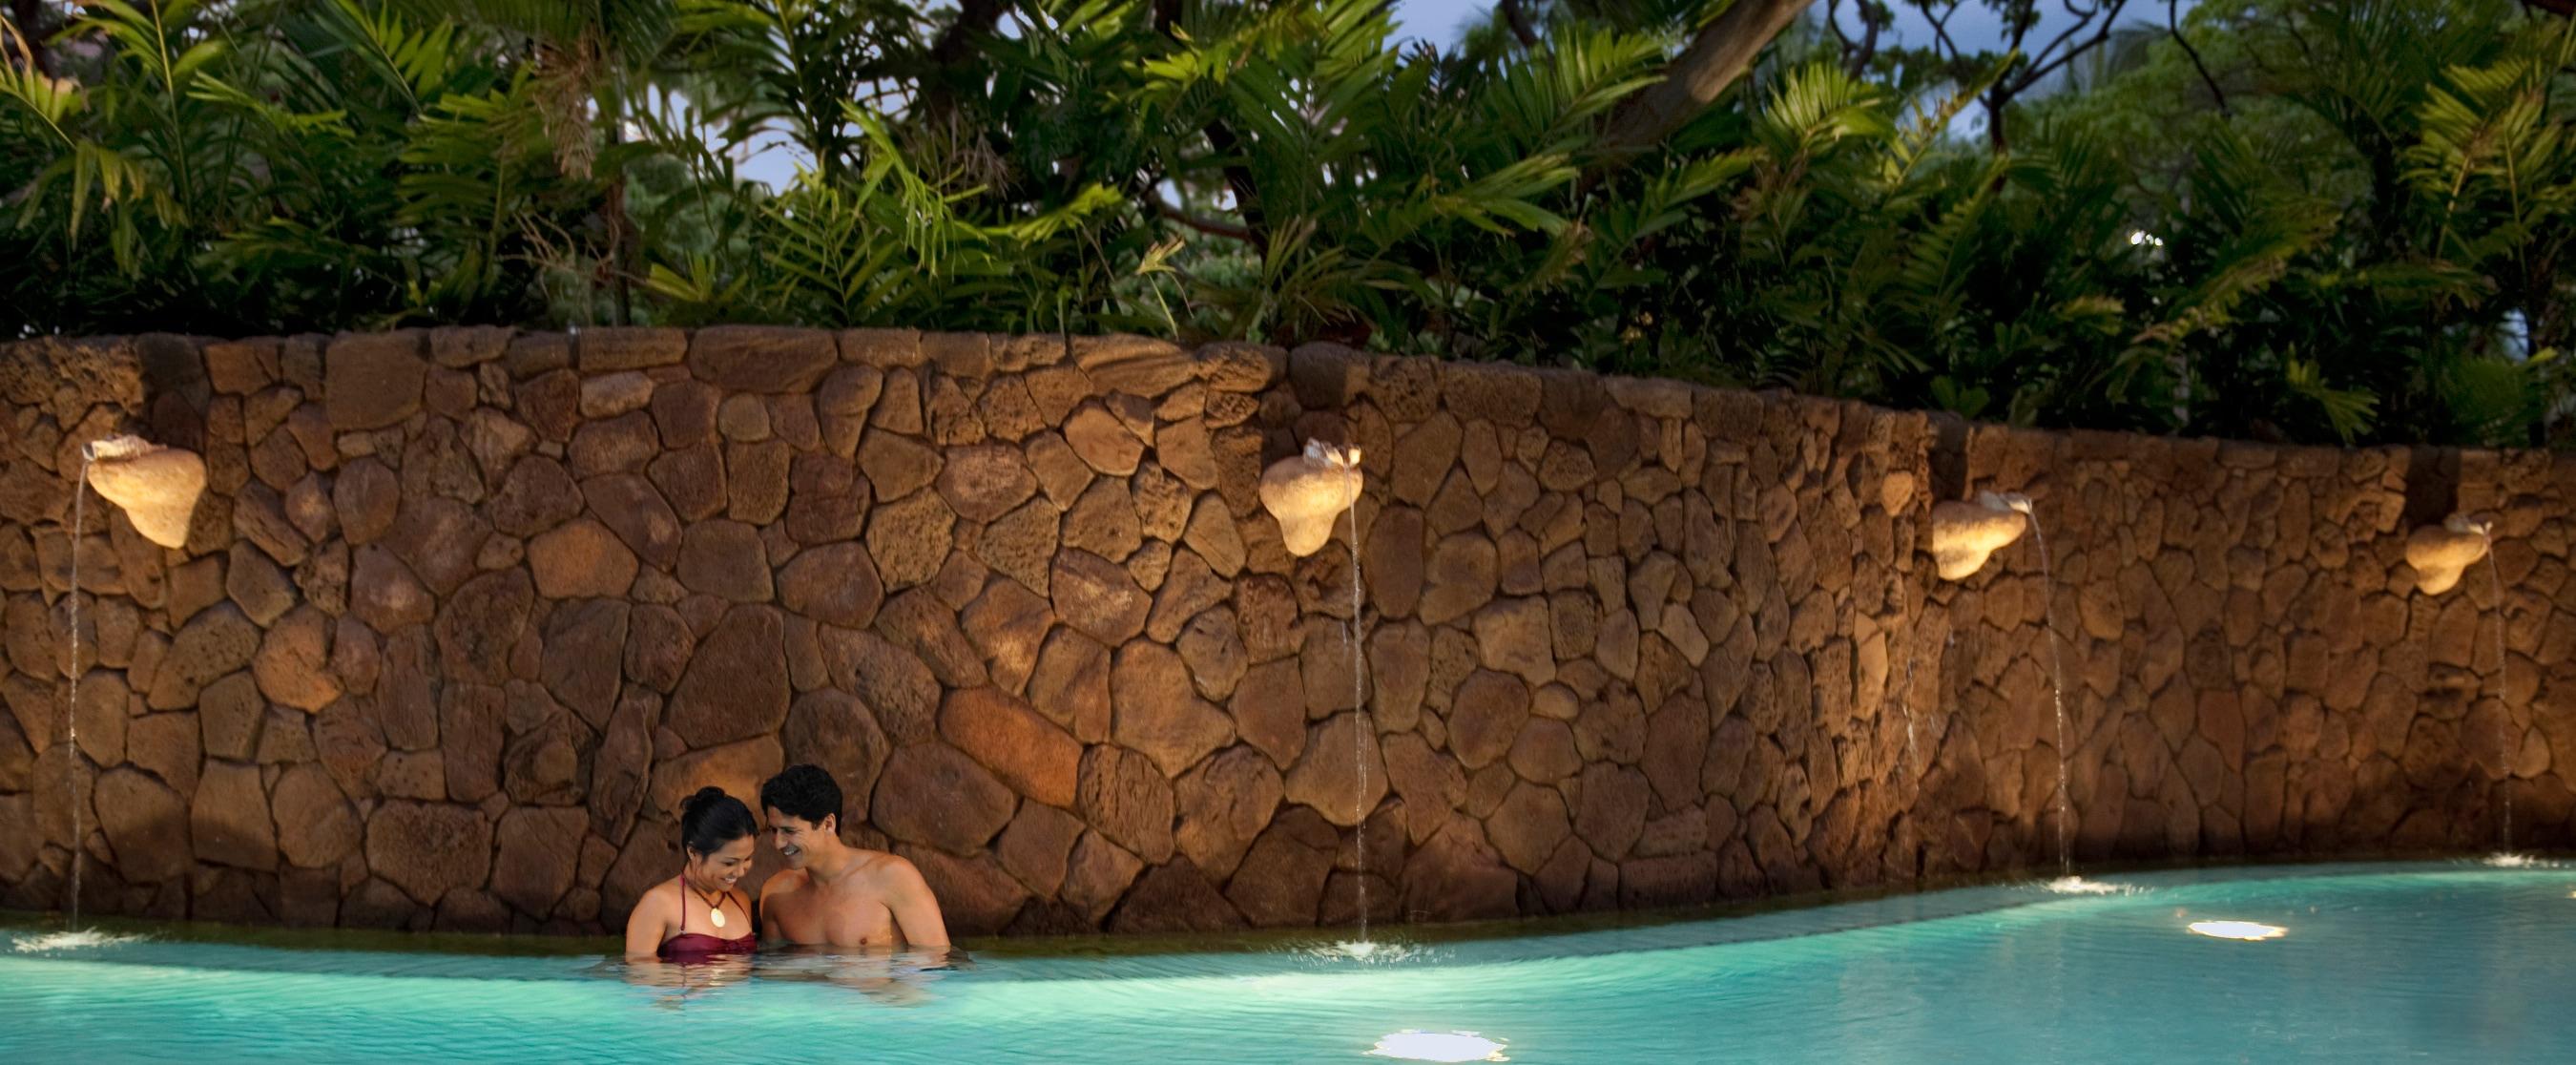 貝殻のような噴水をアクセントに、カーブした高い岩壁を配したプールで夕暮れを楽しむ男女